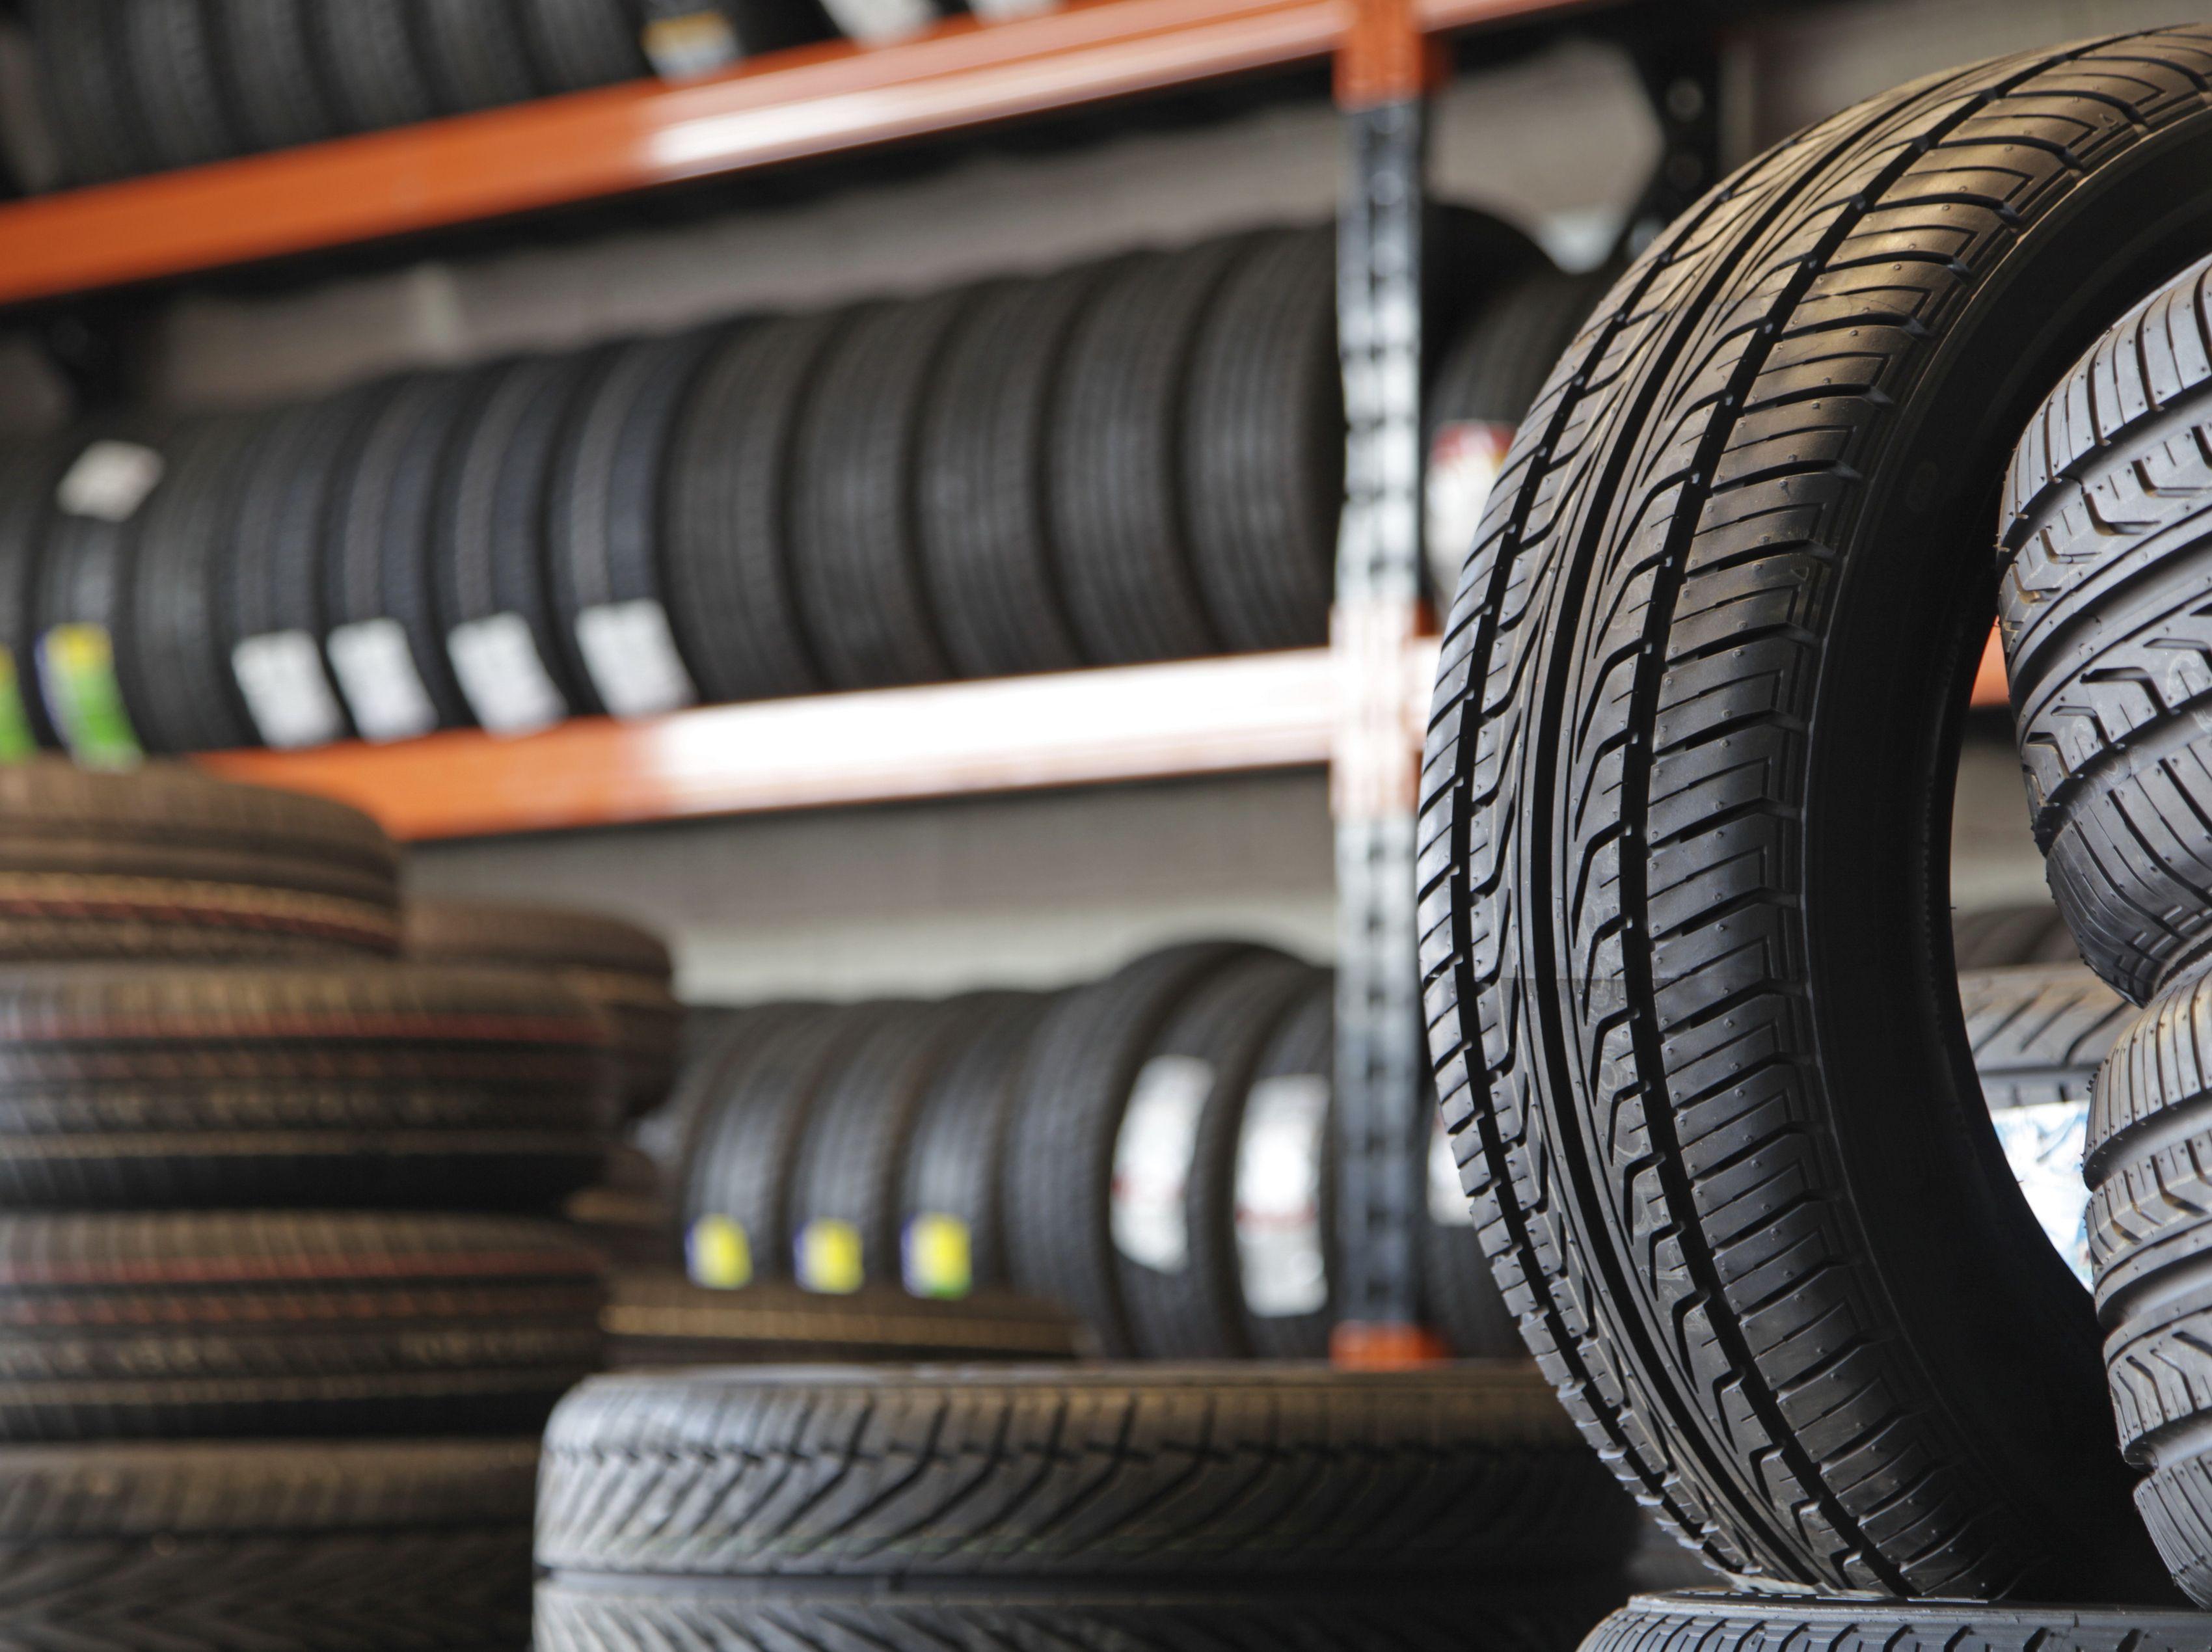 Venta de neumáticos: Servicios de Formo Servicio del Automóvil